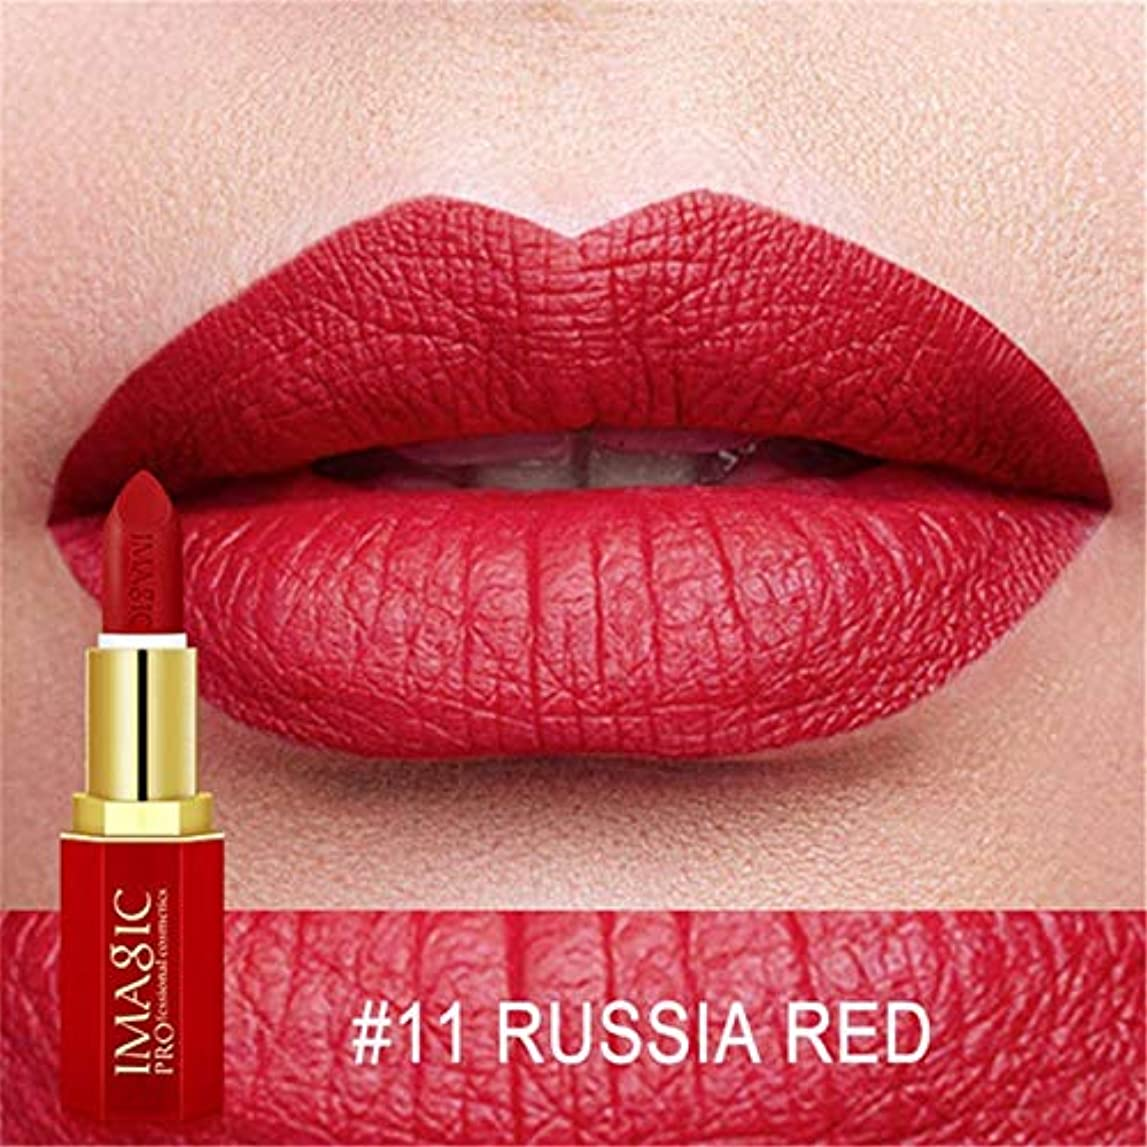 金属不完全熟達した注12色の唇メイクアップ口紅防水長続きがする顔料マット口紅美容メイクアップ化粧品マットバットプロフェッショナル